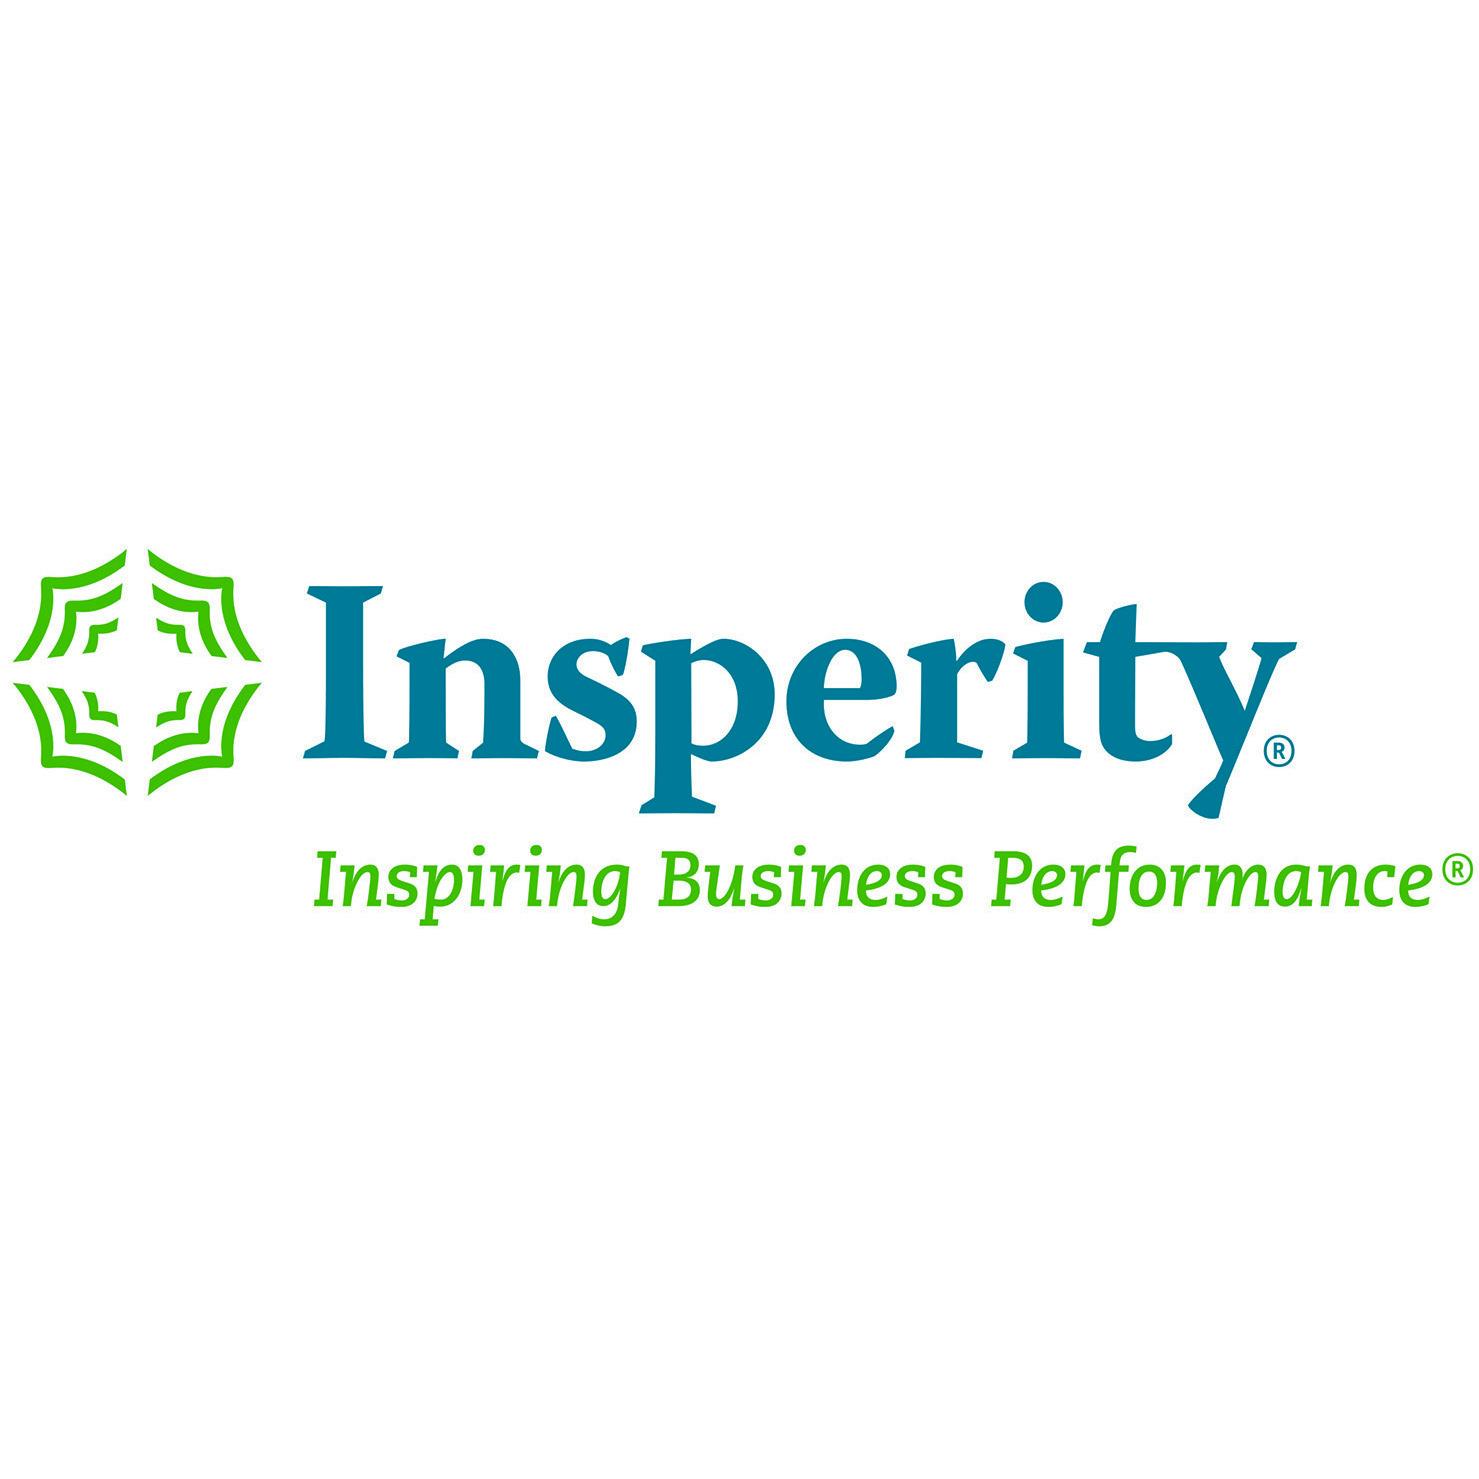 Insperity_logo.JPG